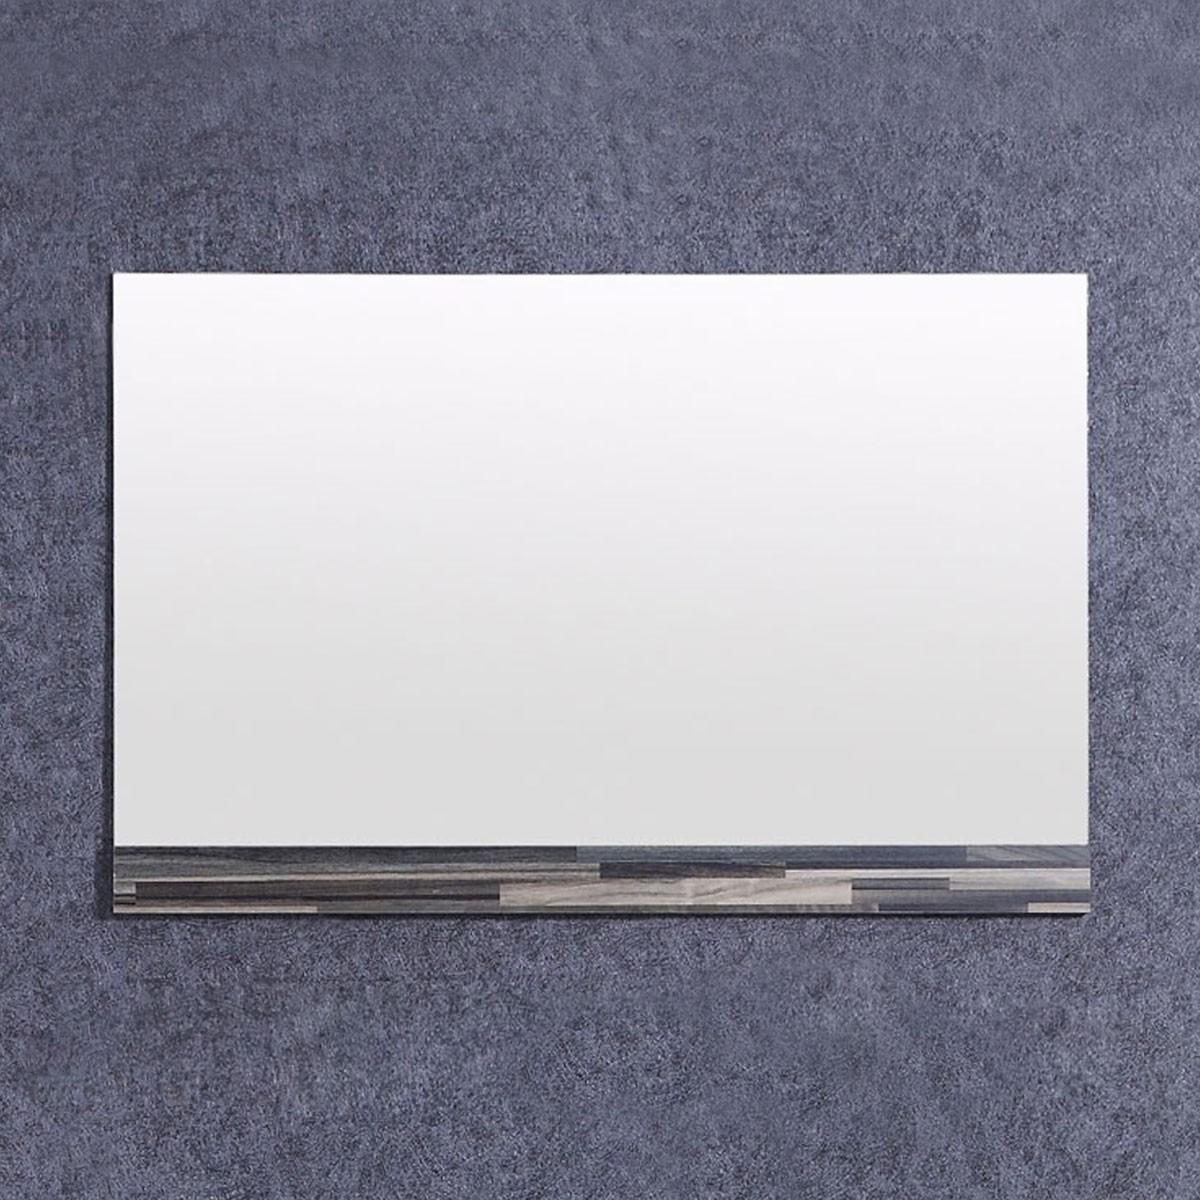 36 x 21 po Miroir pour Meuble Salle de Bain (DK-TH9030-M)